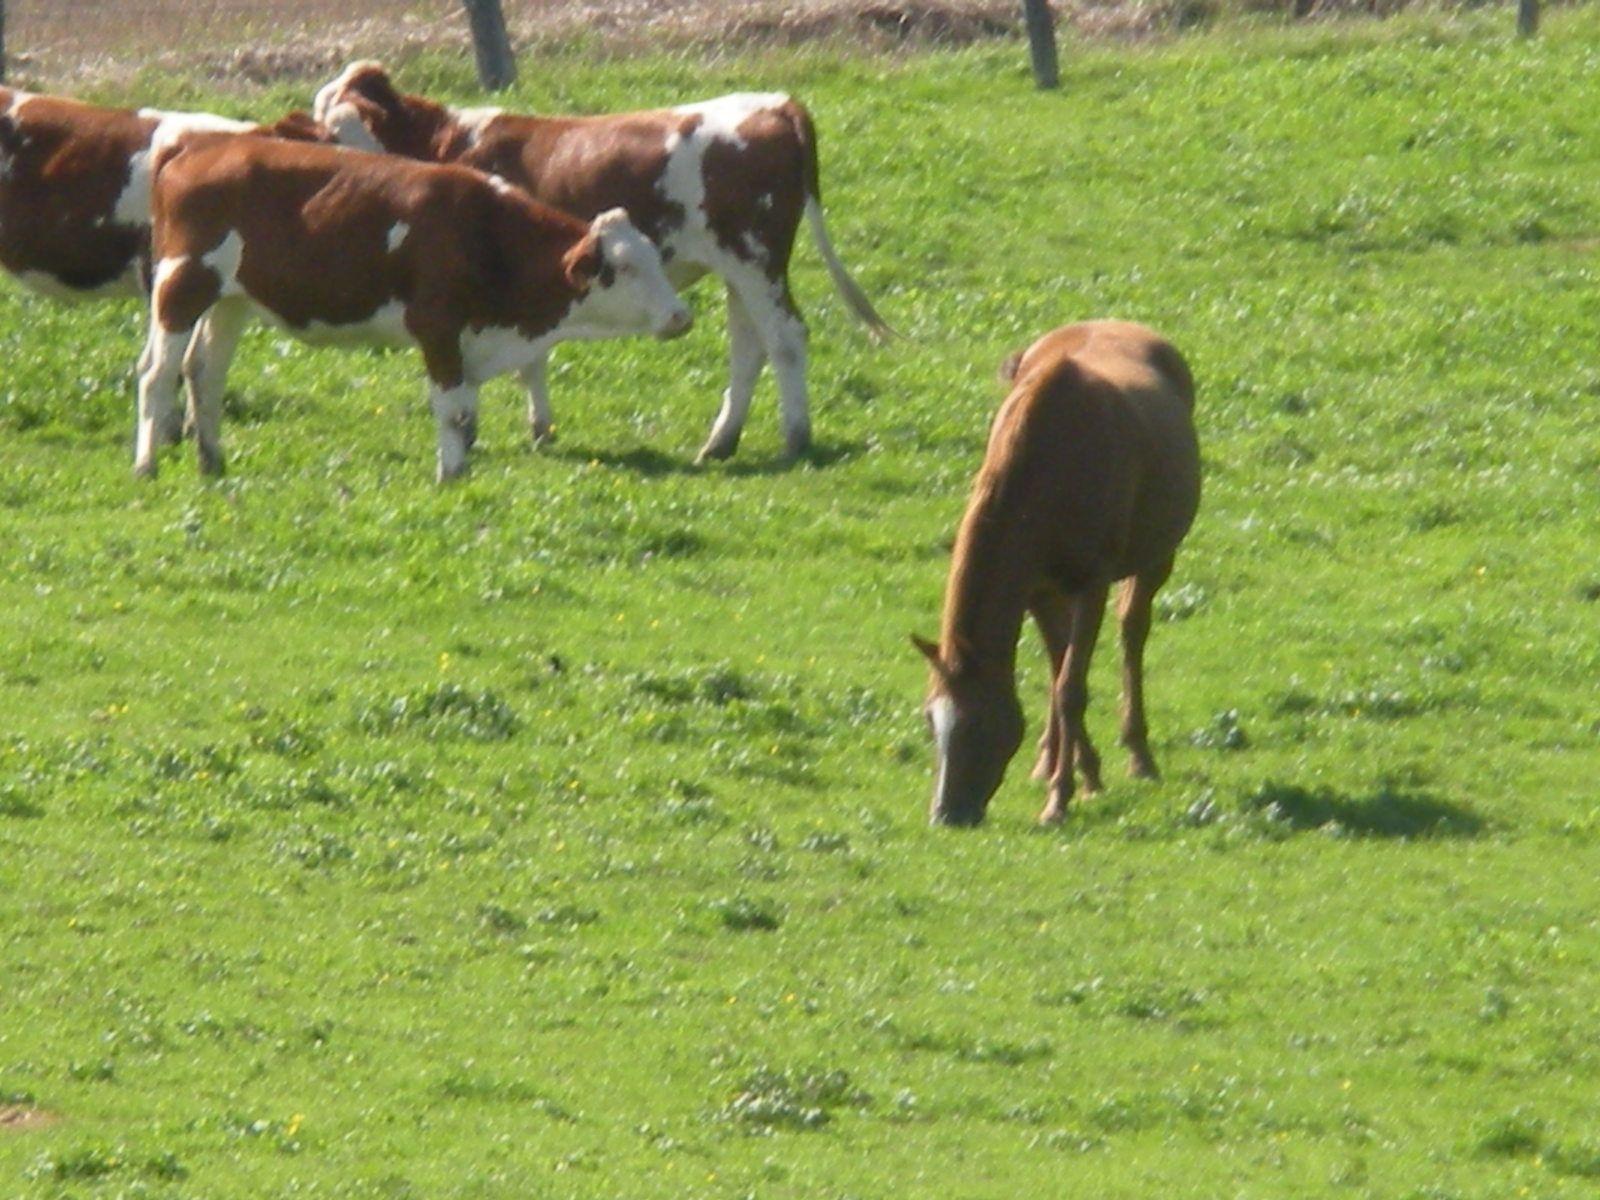 Troupeau mixte bovins - cheval. Techniques d'élevage Tous droits réservés